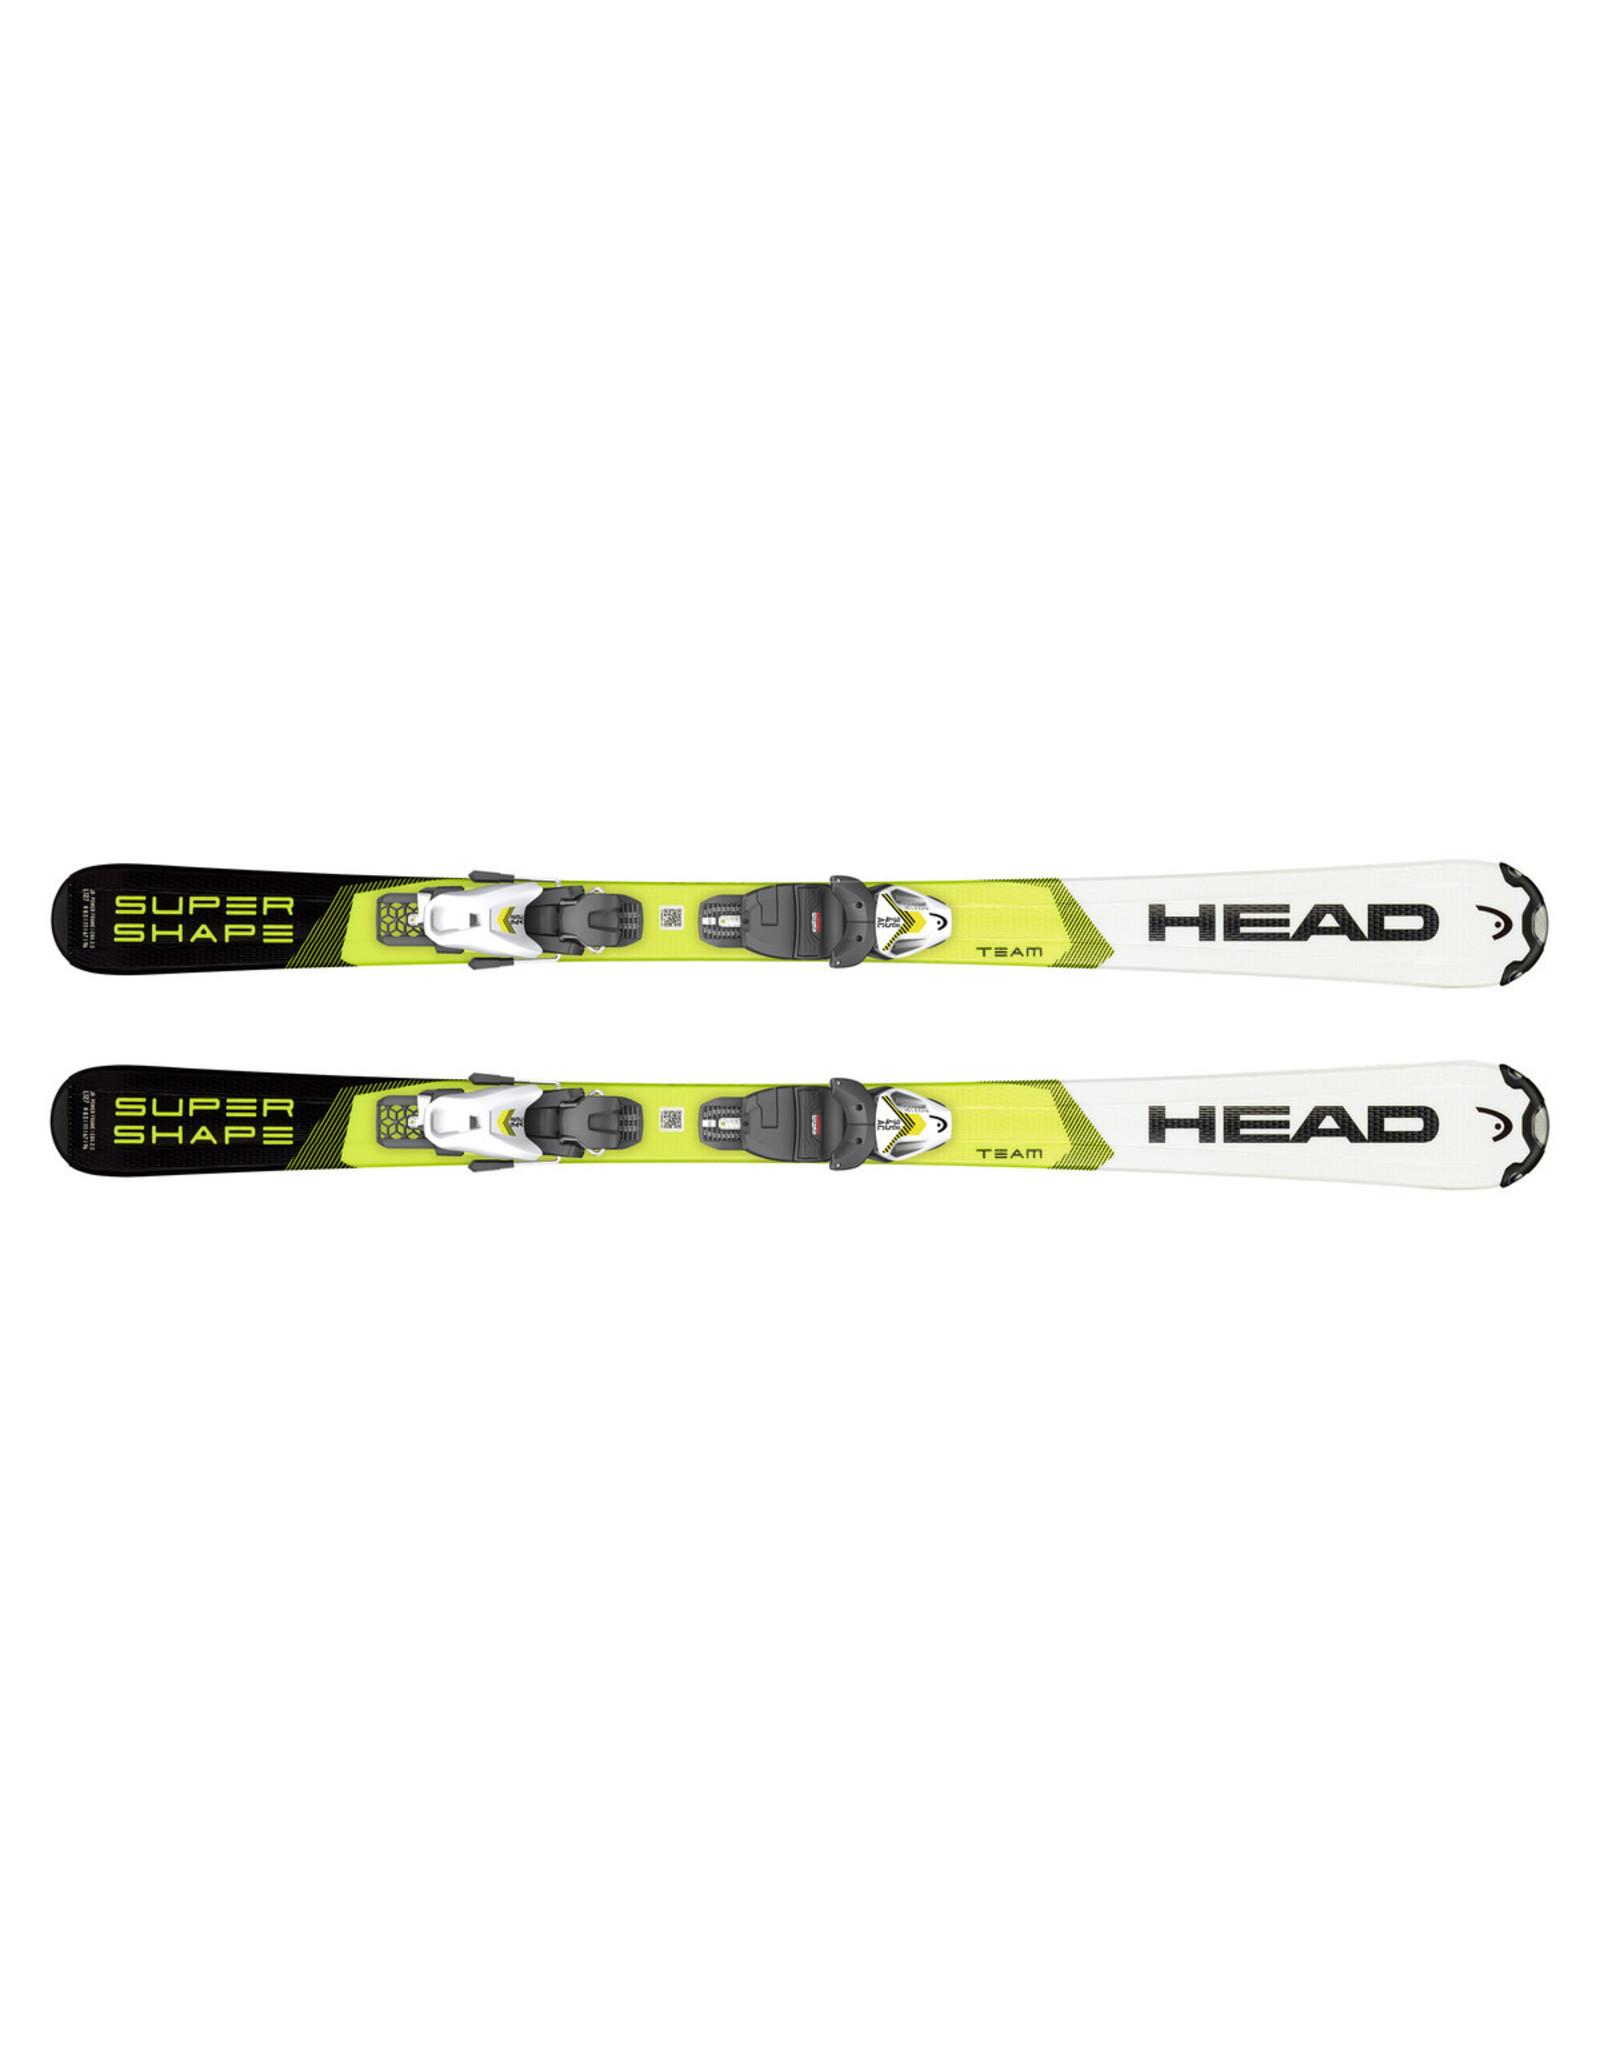 HEAD Head Supershape Team SLR Pro